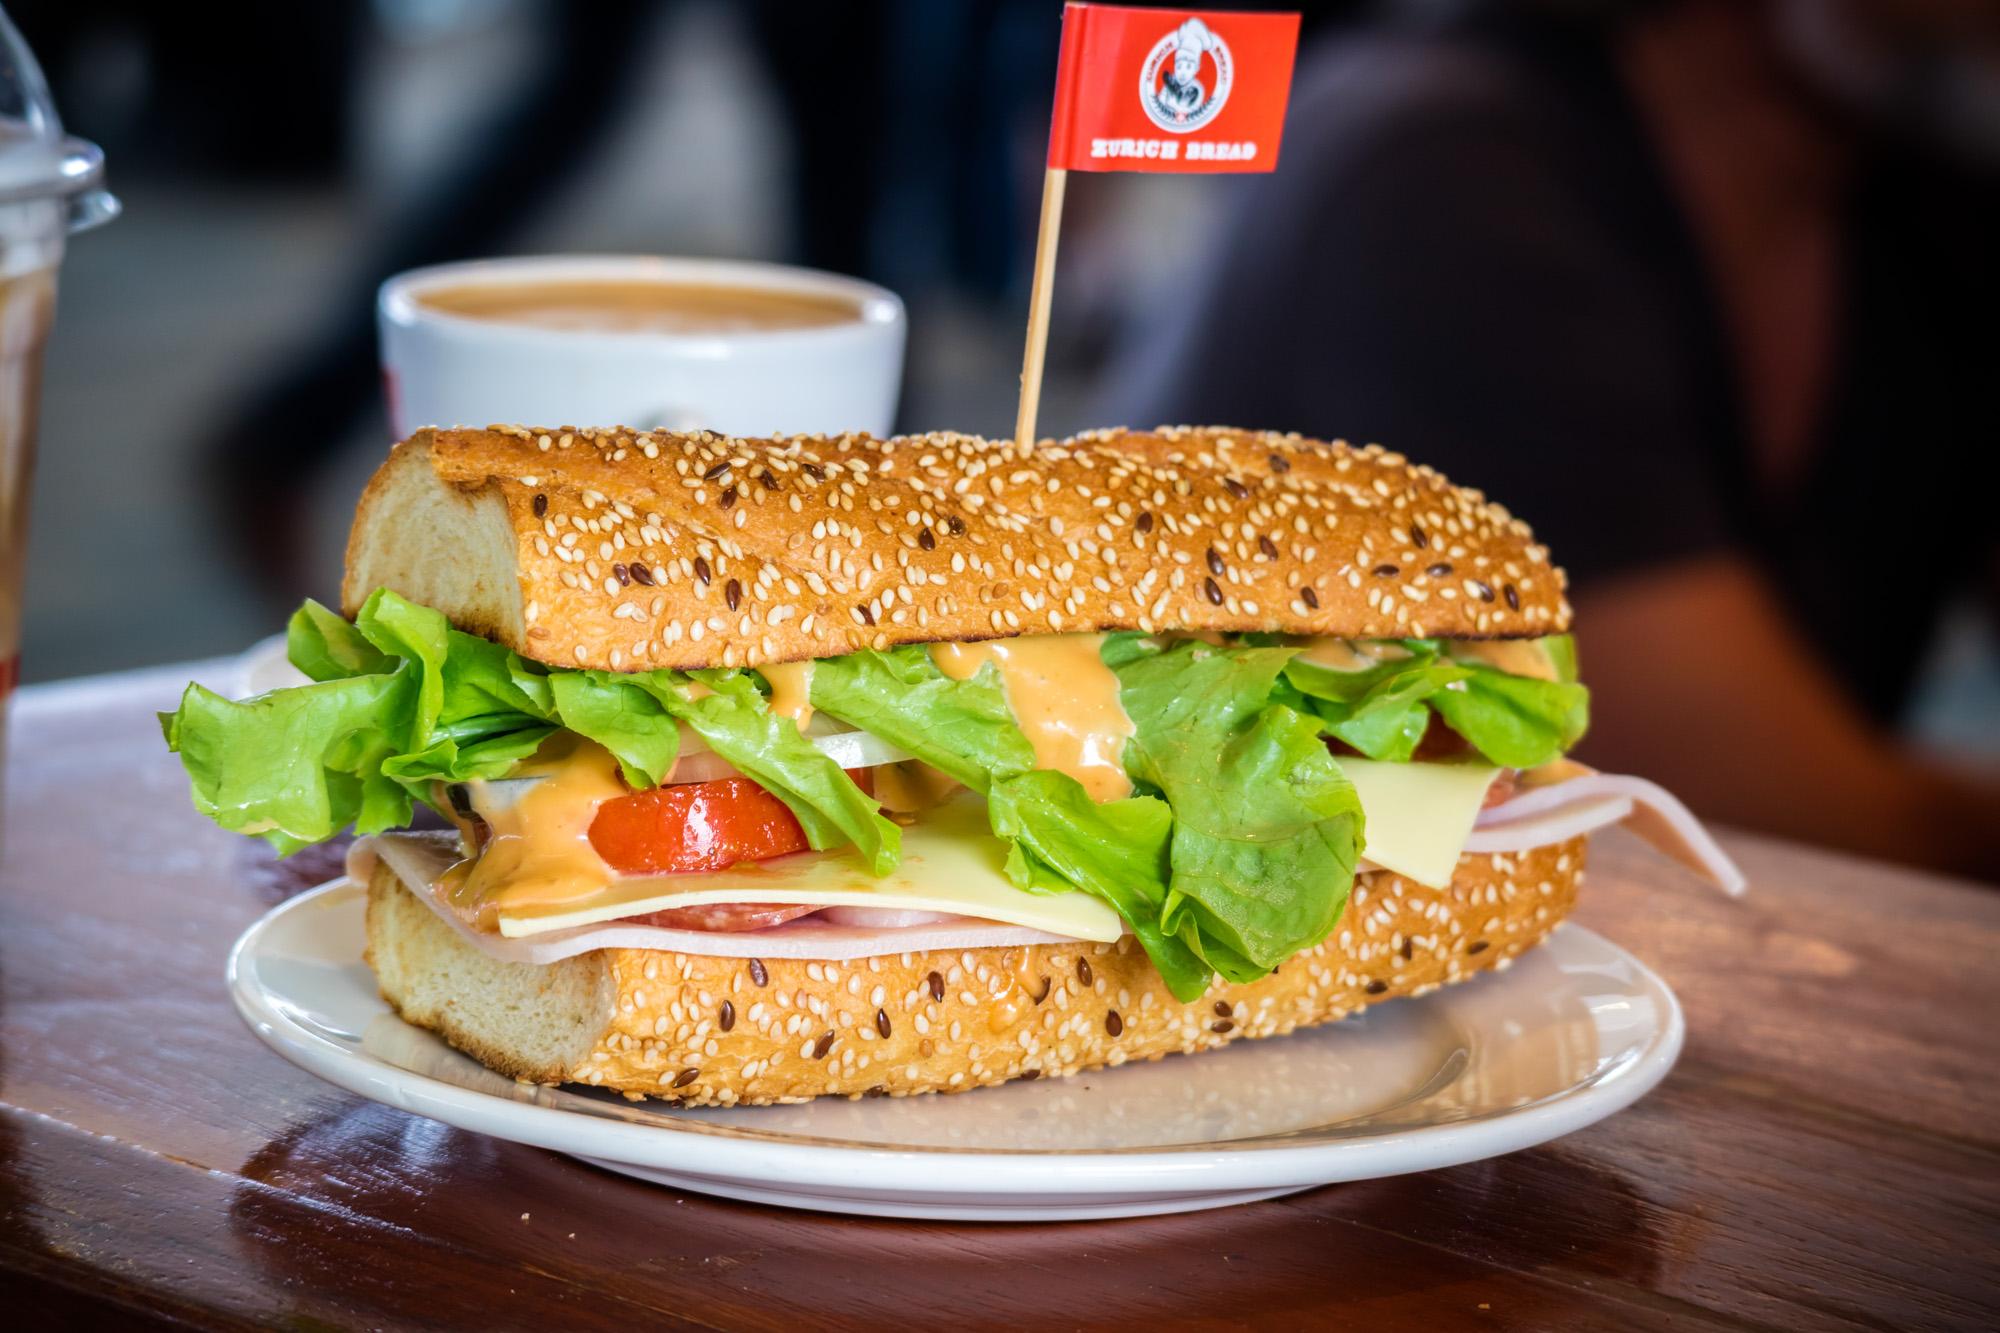 BBQ Chichen Sesame Brioche  ร้านอาหารแนะนำ ในอาคารผู้โดยสารขาออกระหว่างประเทศ ท่าอากาศยานภูเก็ต IMG 8225